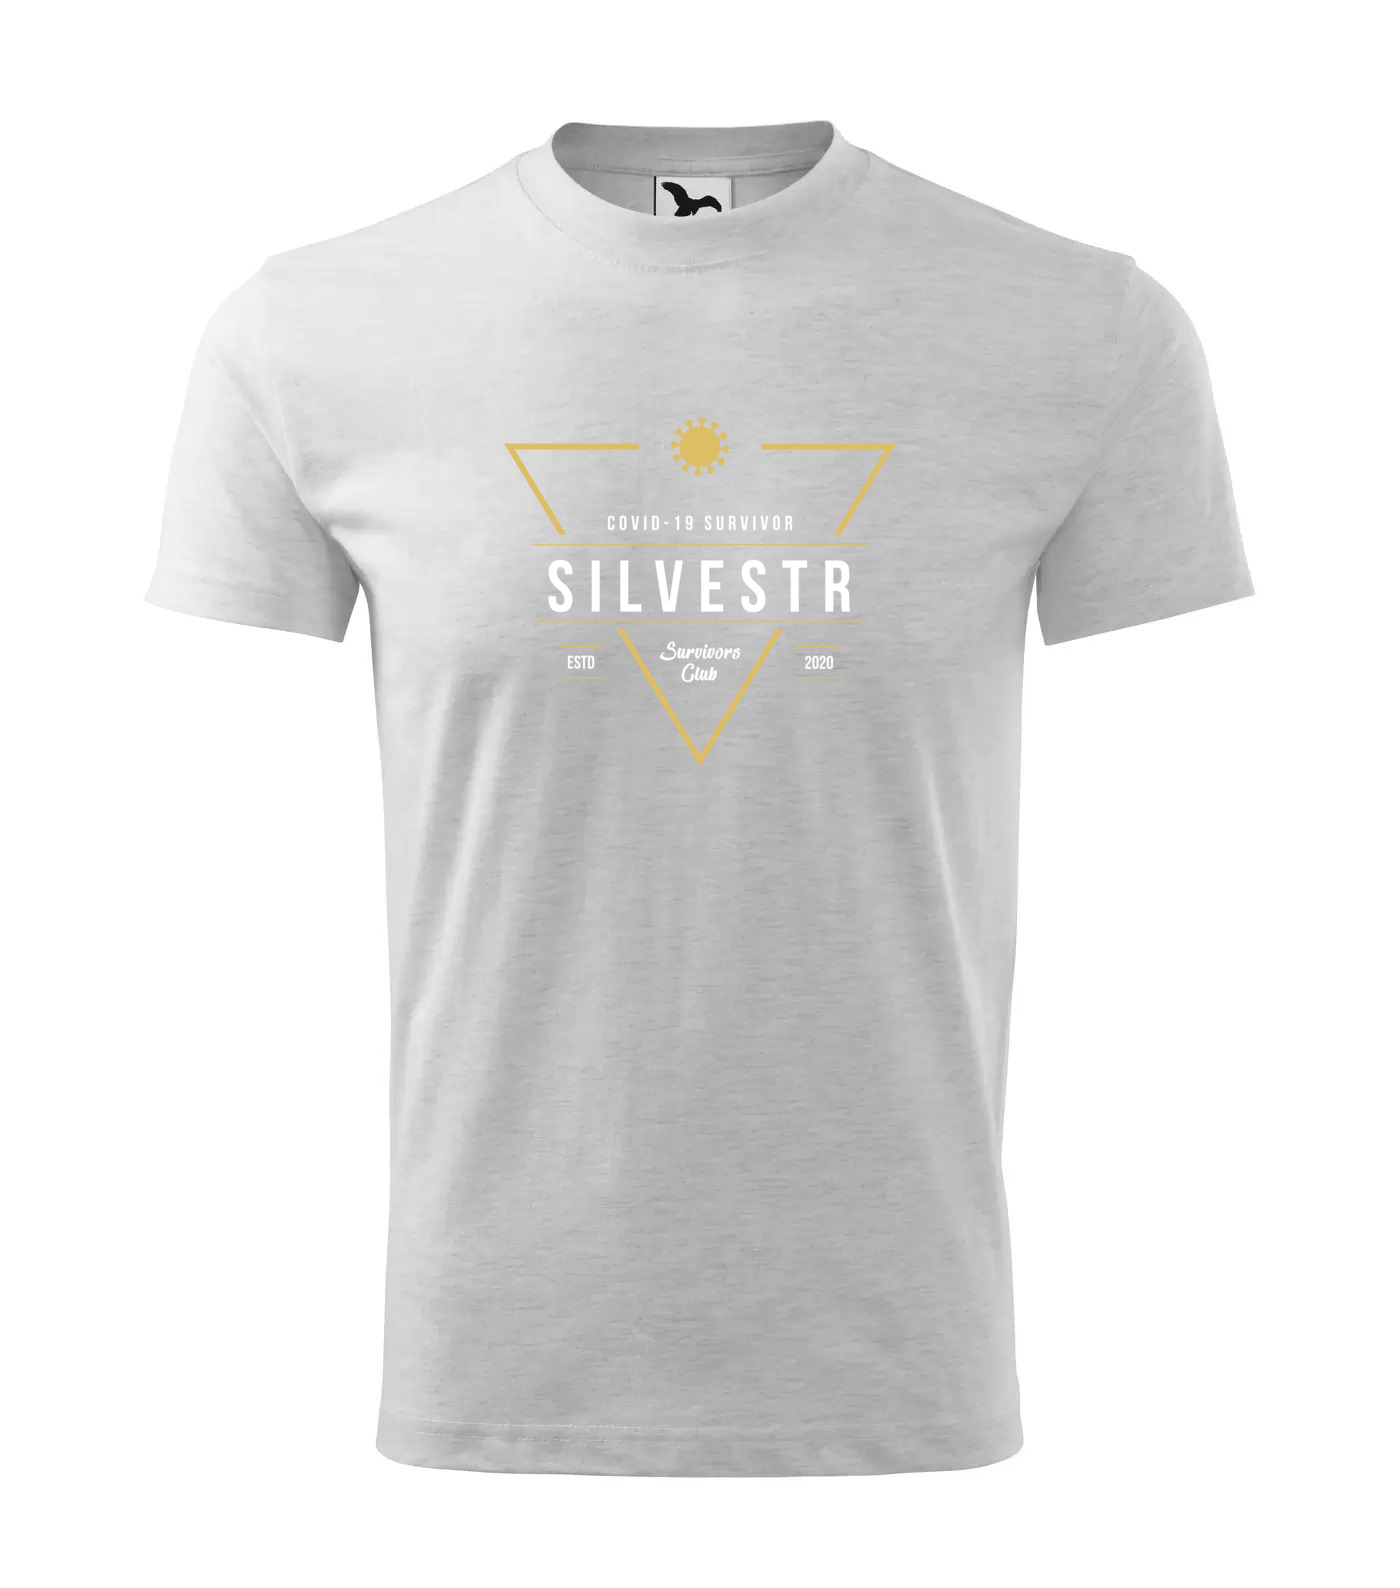 Tričko Survivor Club Silvestr